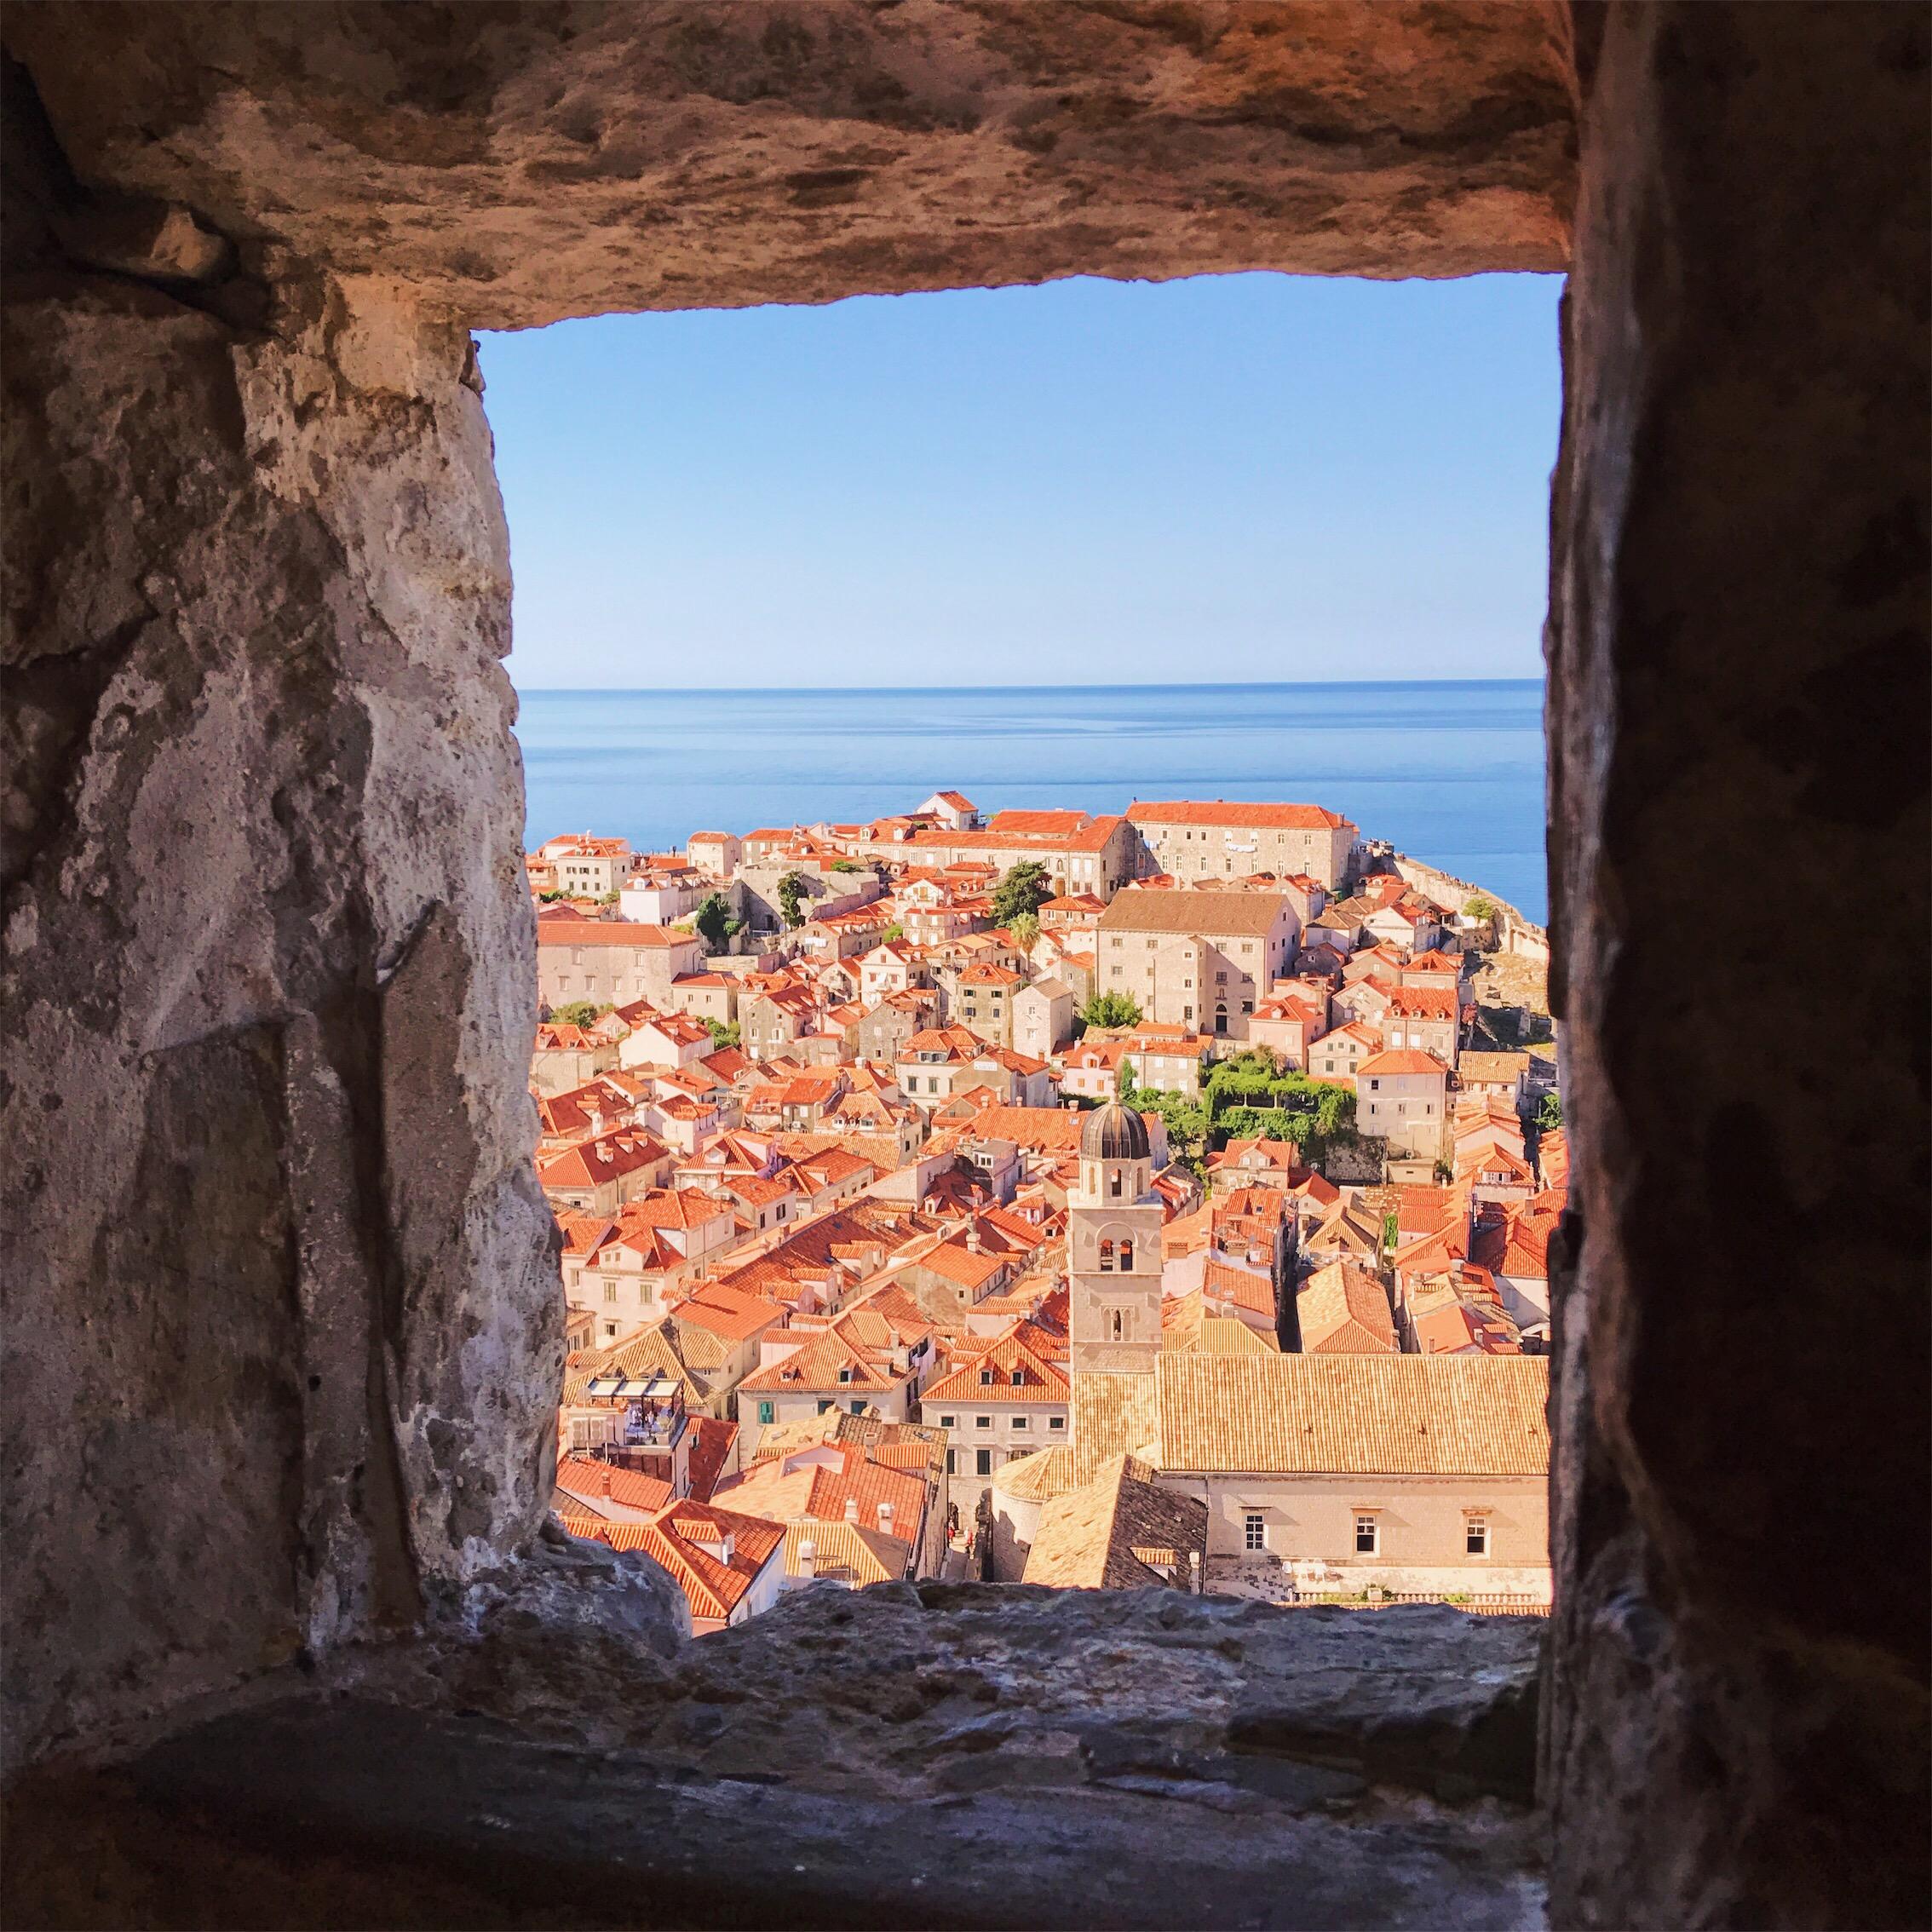 Hrvatska - Page 3 Dubrovnik+Croatia+ocean+view+and+orange+roofs